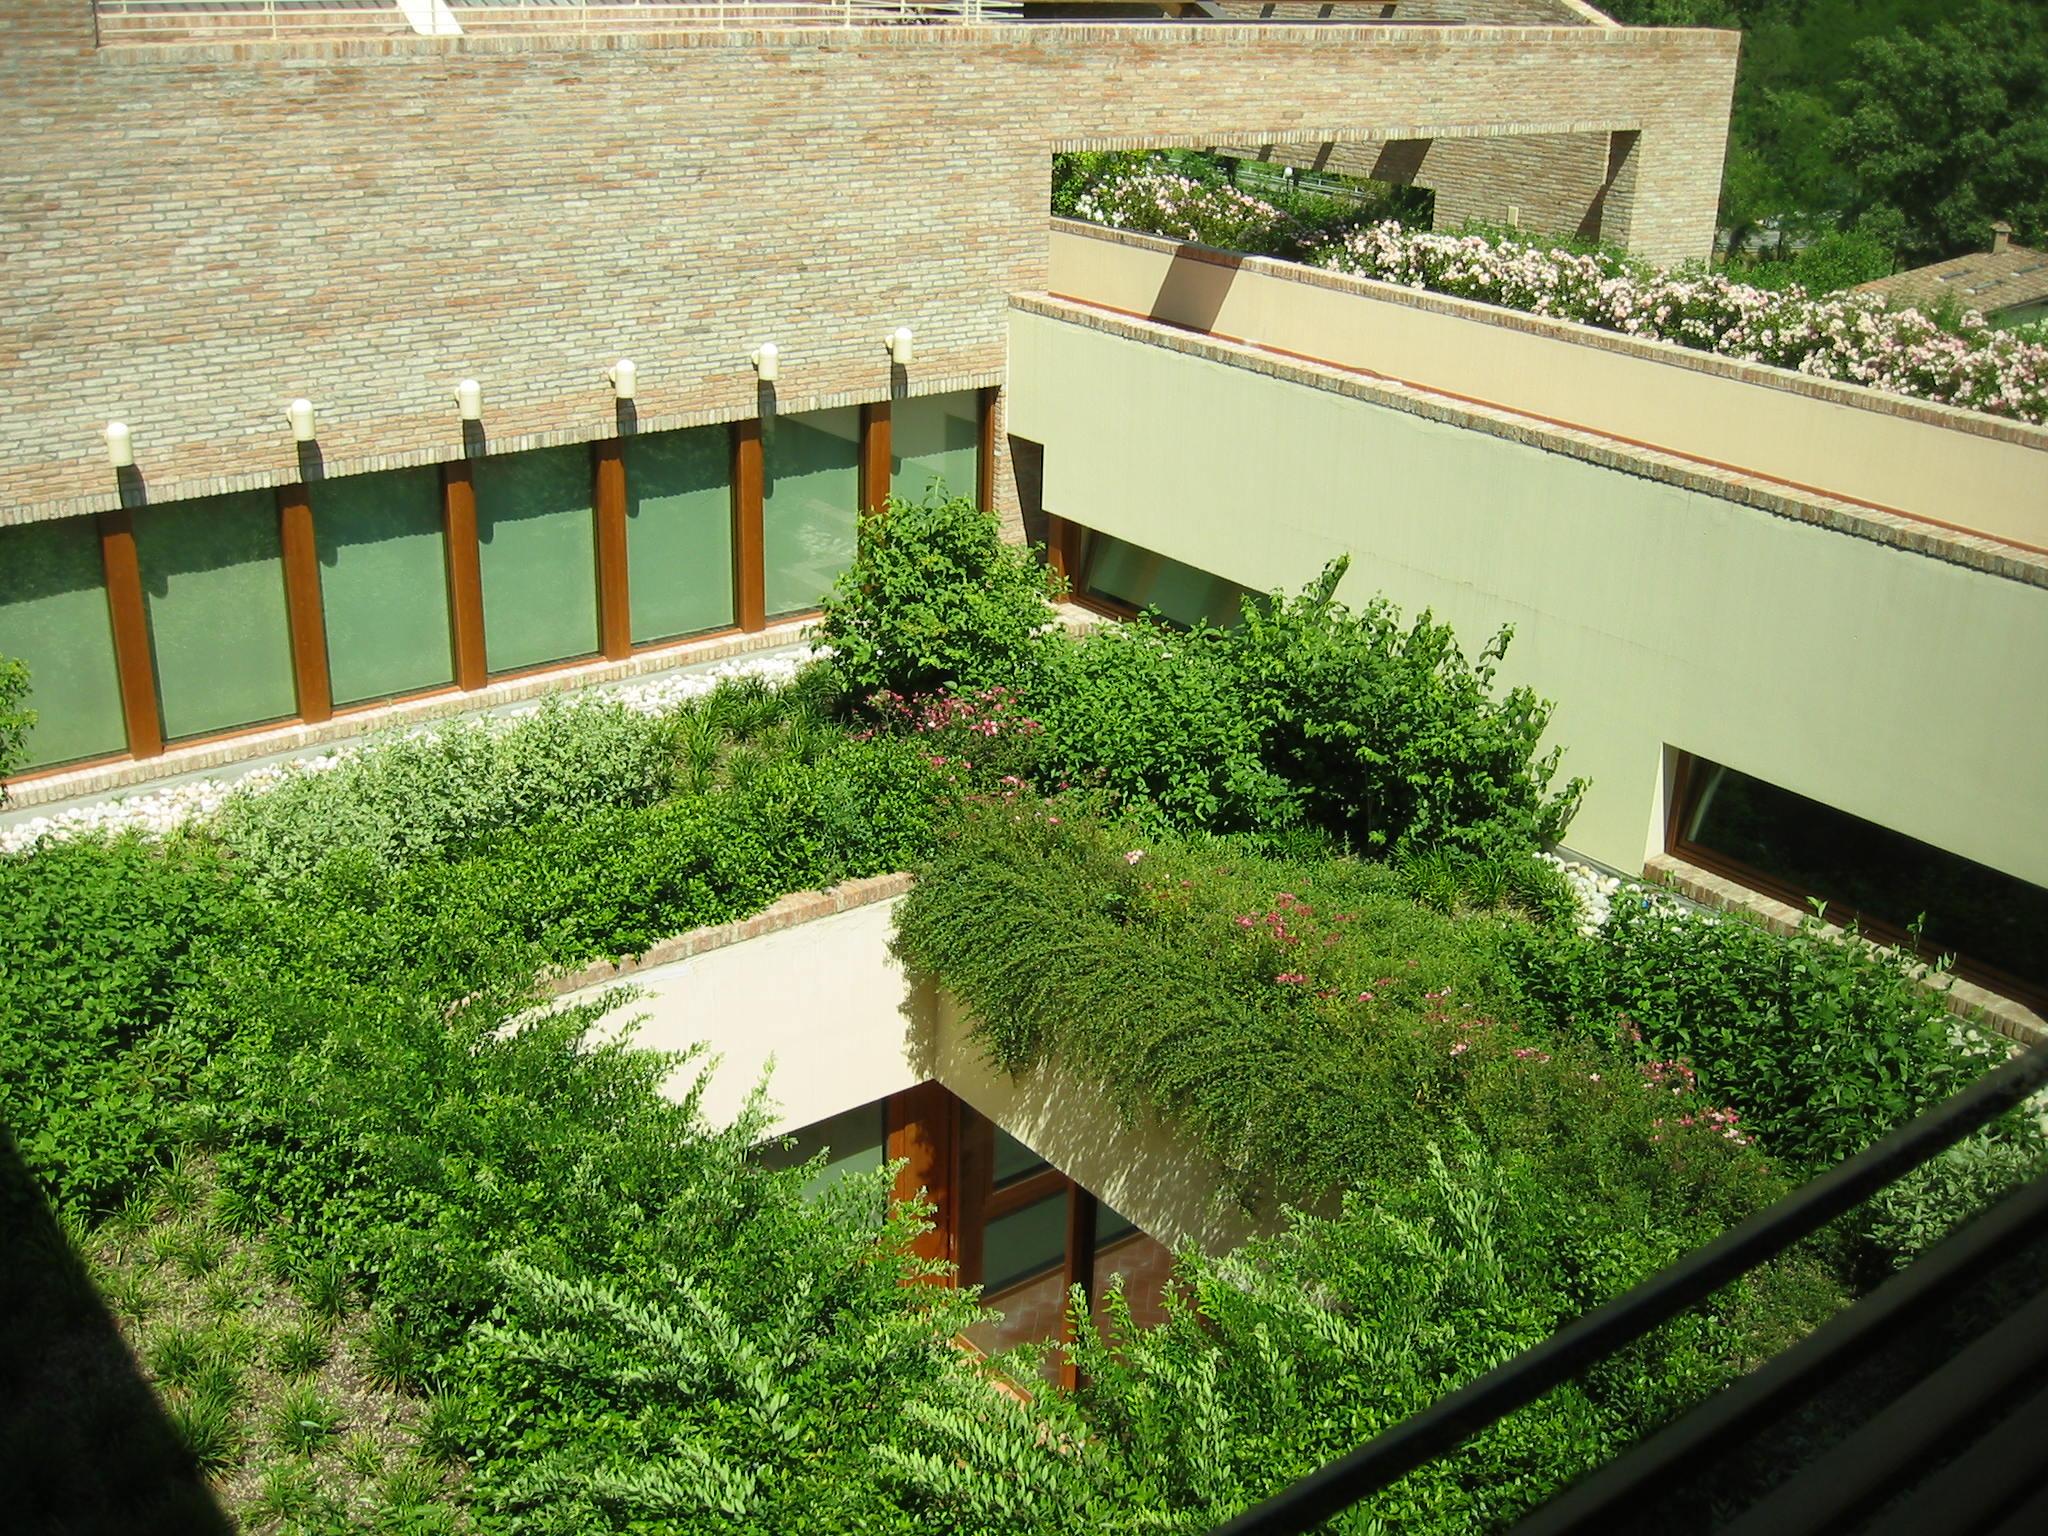 Giardini pensili contro lo smog bioecogeo for Progettare un terrazzo giardino